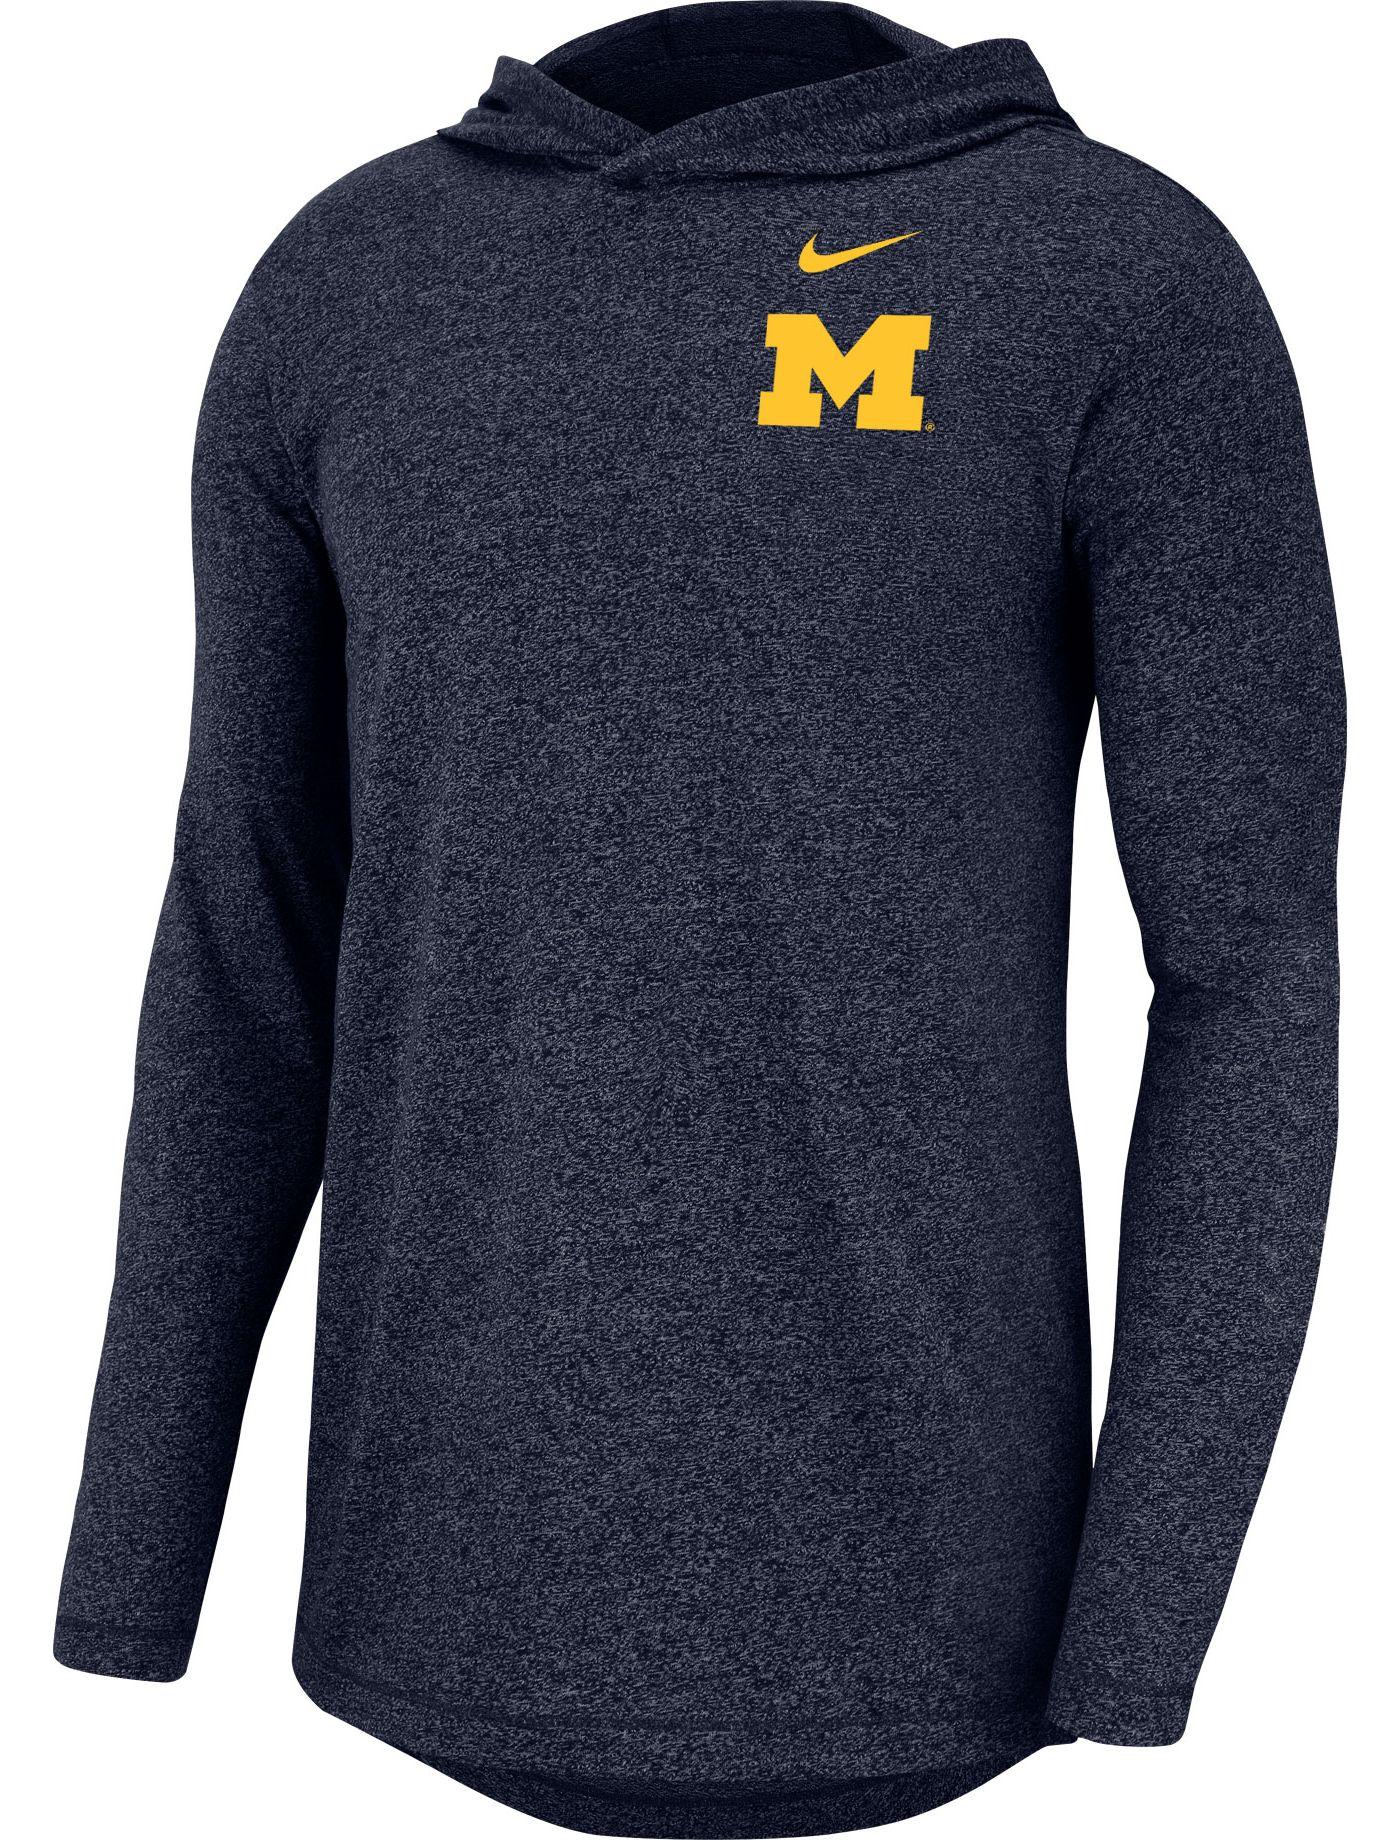 Nike Men's Michigan Wolverines Blue Marled Long Sleeve Hoodie